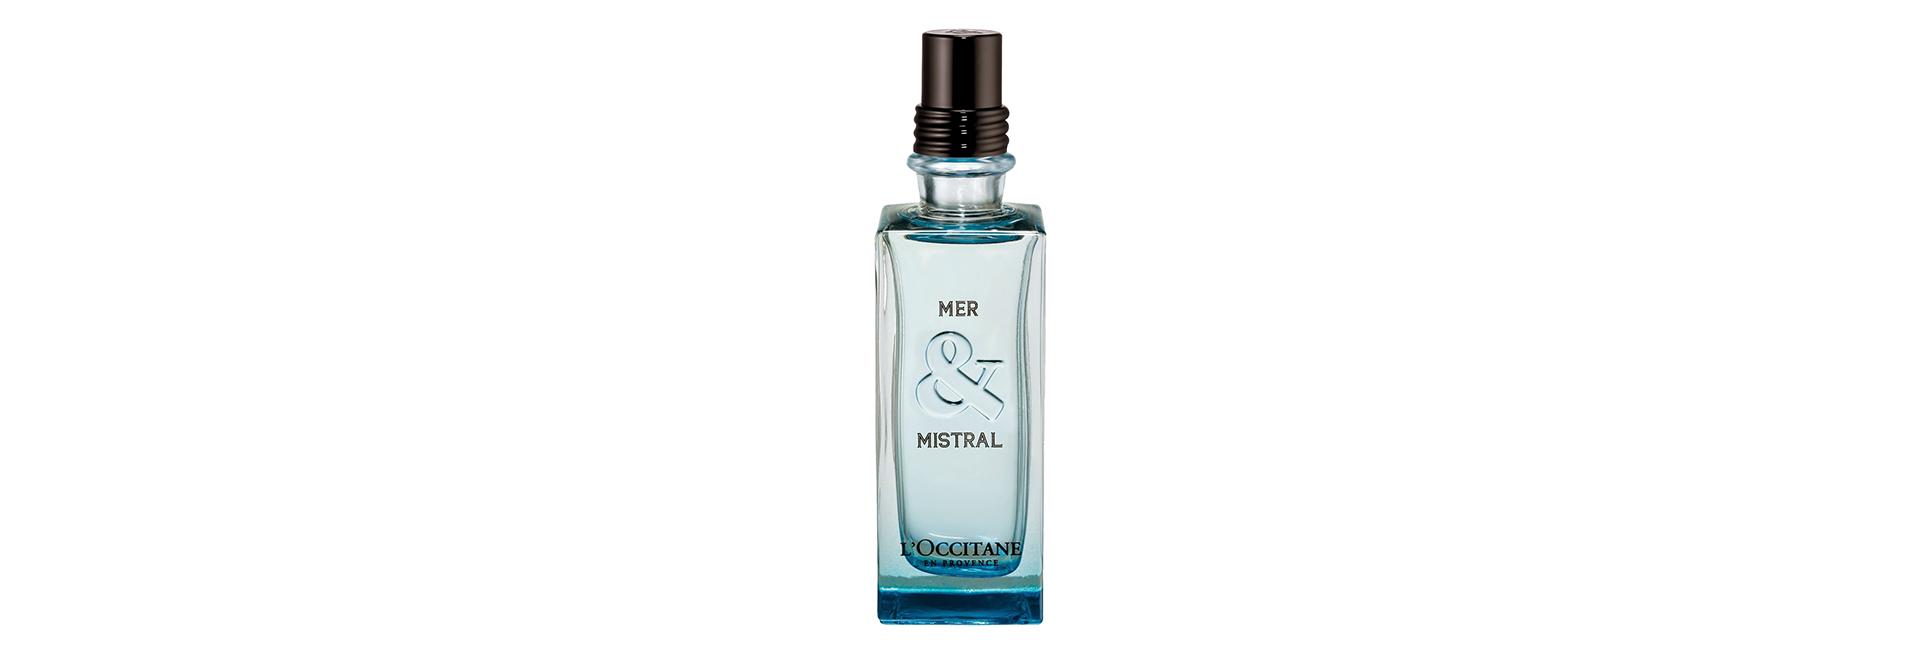 mer-mistral-l-occitane-blog-beaute-soin-parfum-homme